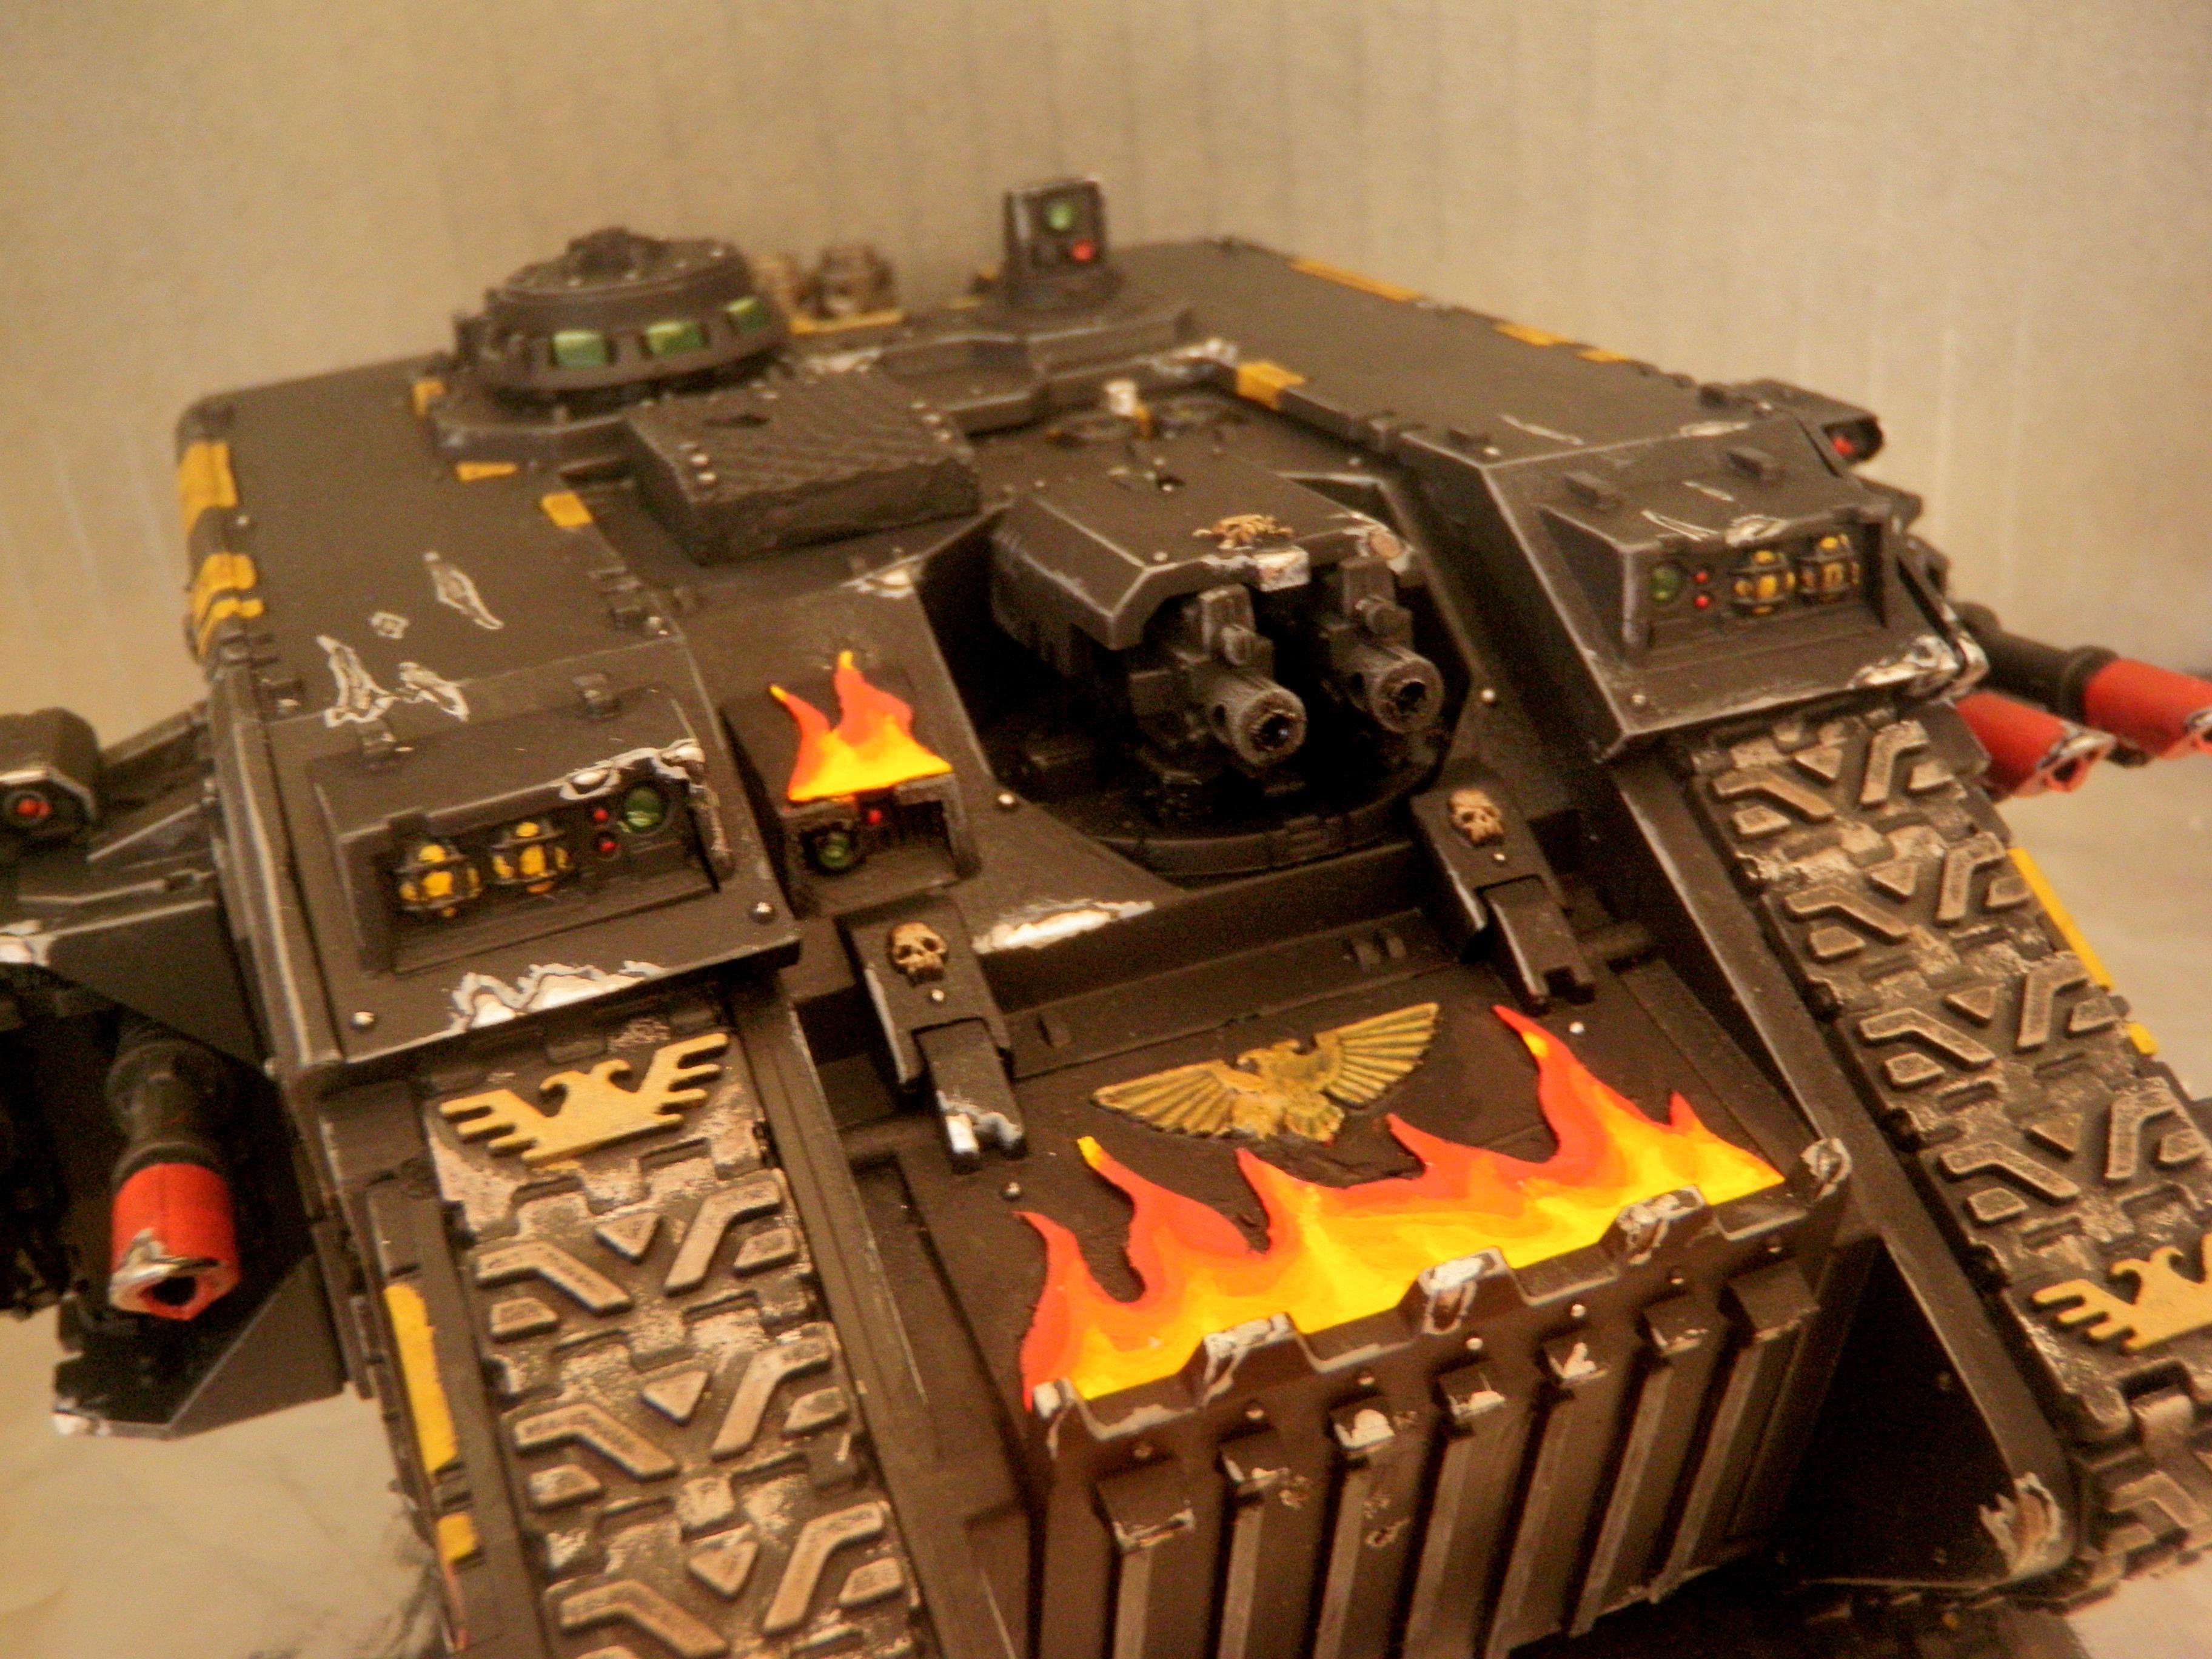 Land Raider, Space Marines, Warhammer 40,000